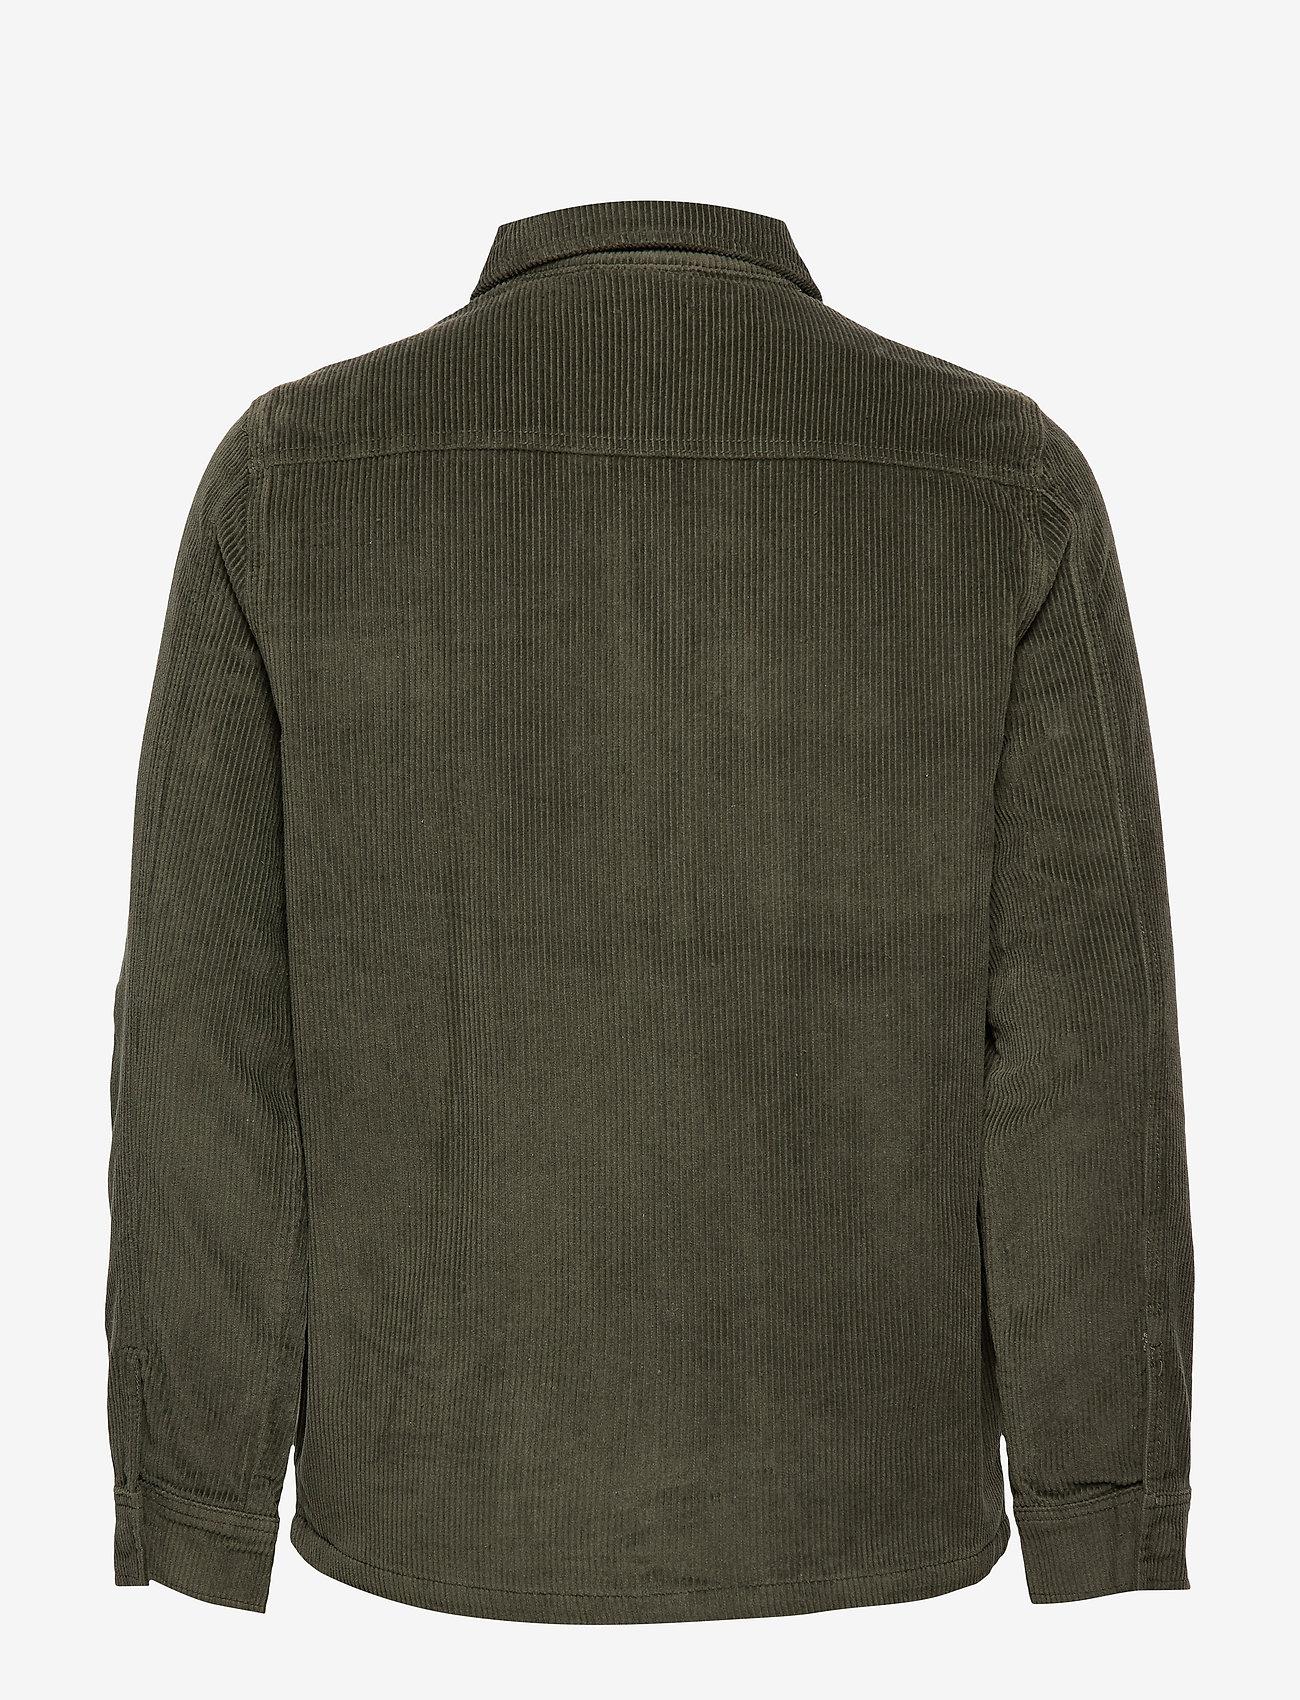 Fram Oscar Jacket - Jackets & Coats